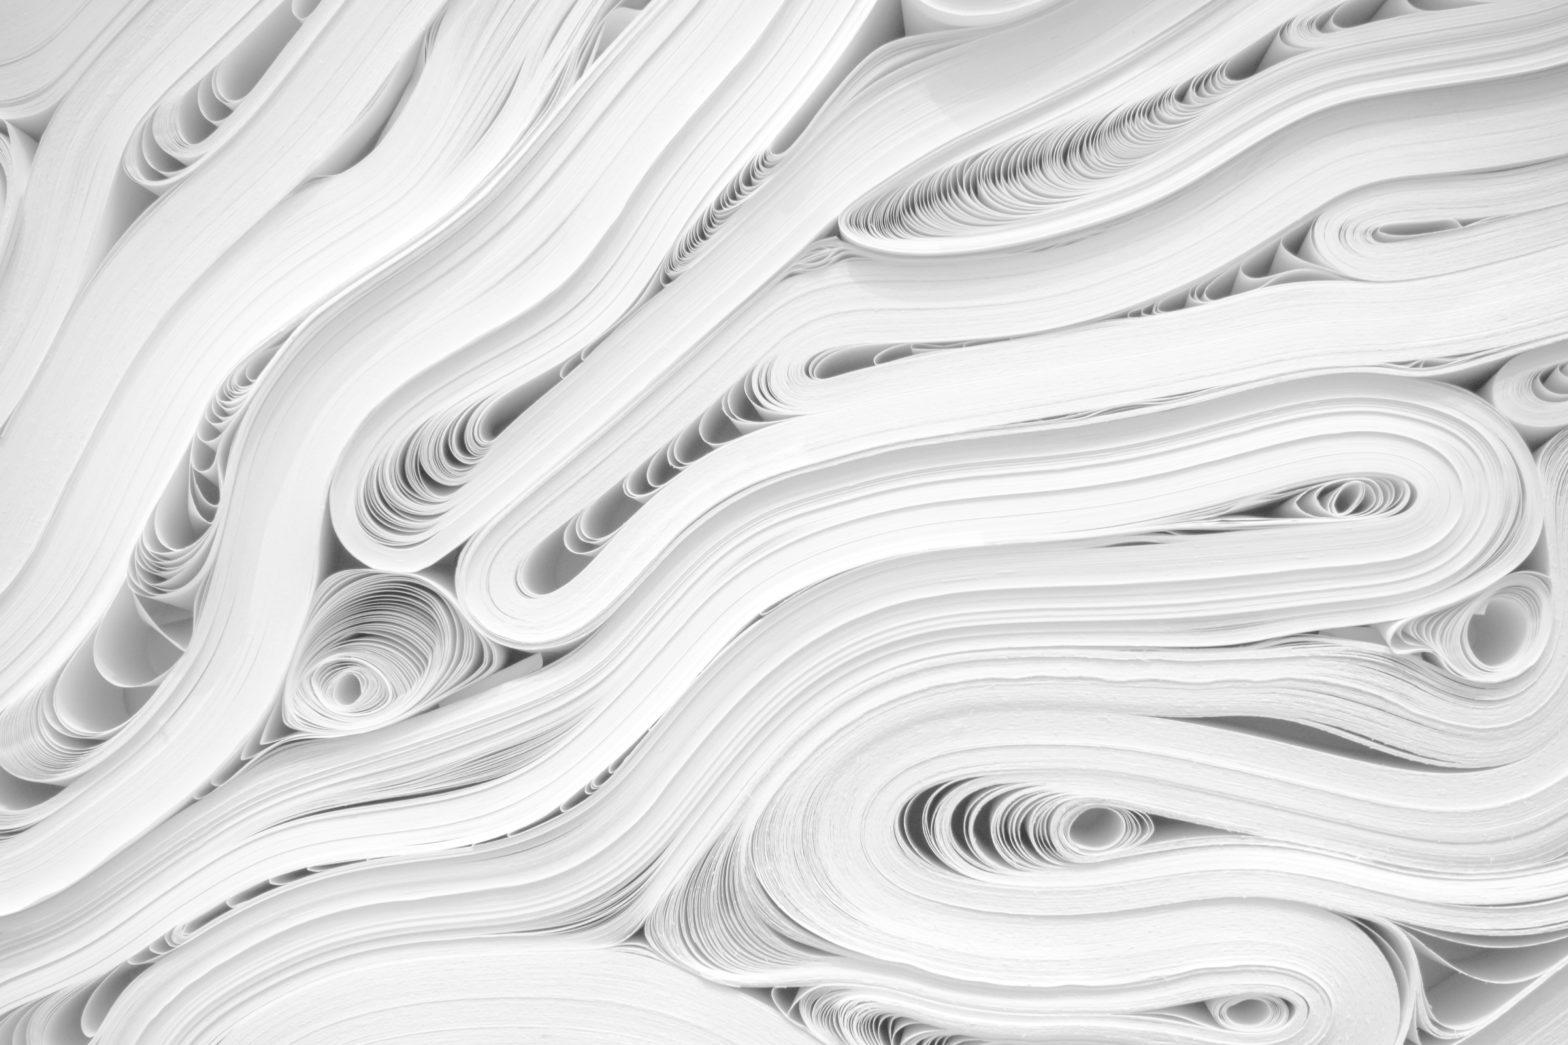 Jahresabschluss und Körperschaftsteuererklärung vermögensverwaltende GmbH